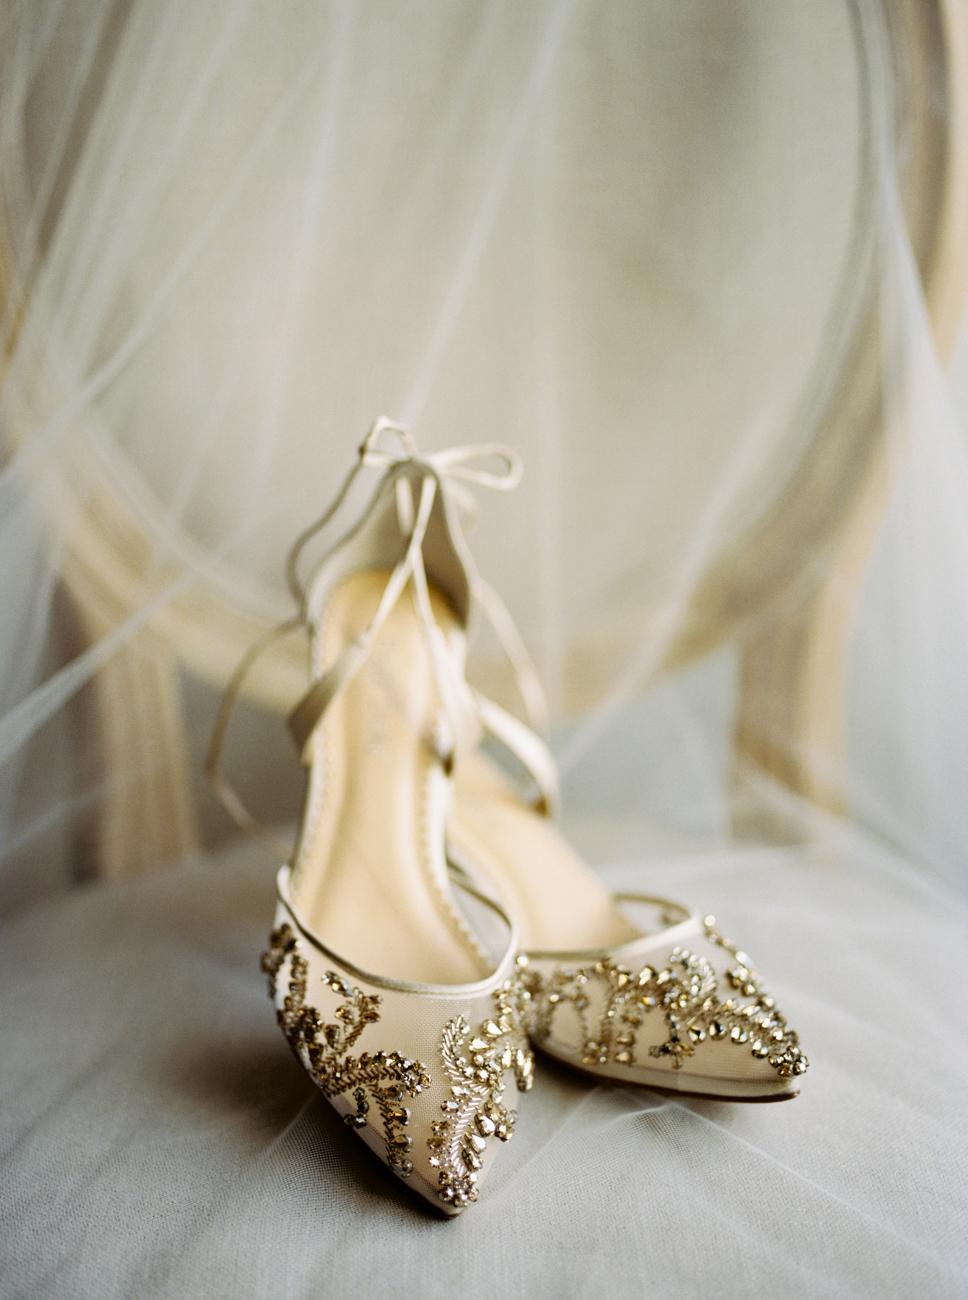 dennisroycoronel_theloftonpine_wedding-7.jpg